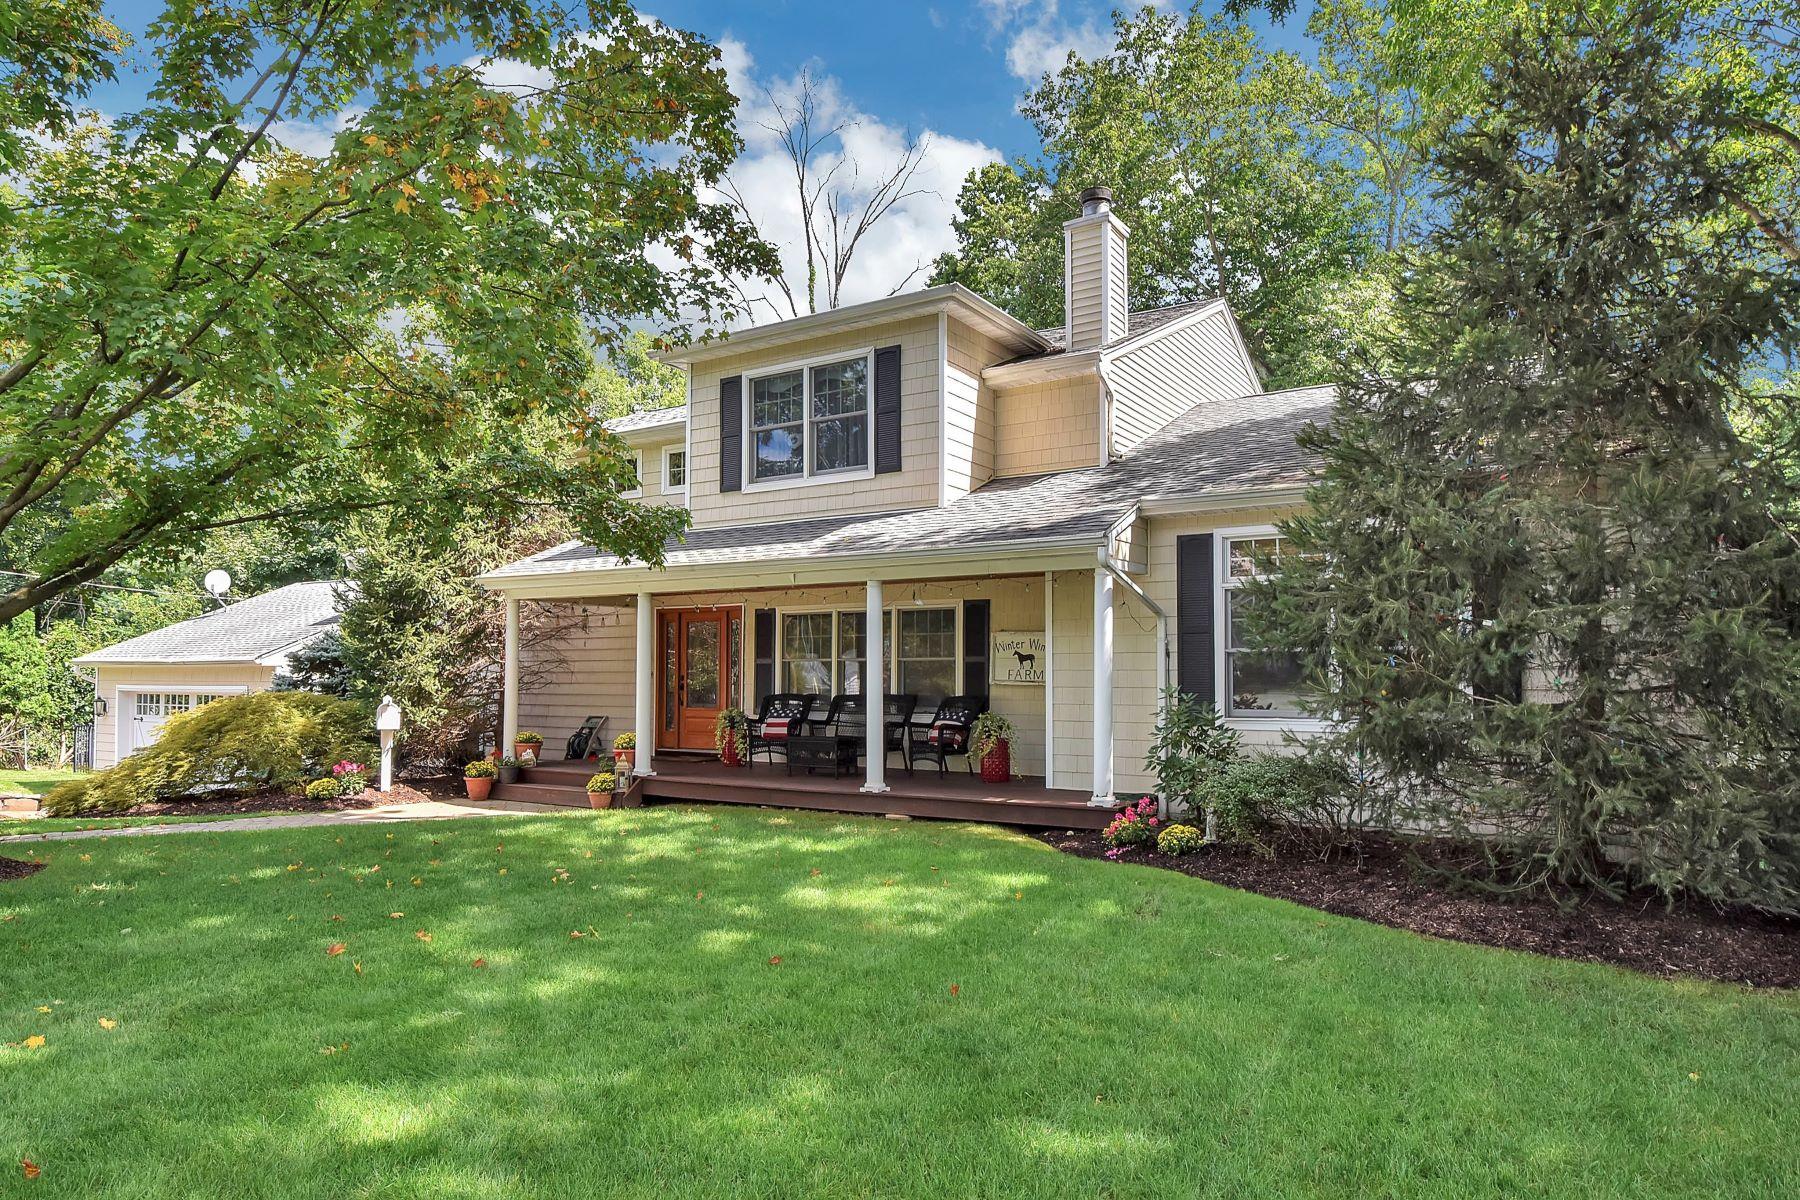 Maison unifamiliale pour l Vente à Expanded and Renovated 44 Walter Ct, Harrington Park, New Jersey 07640 États-Unis